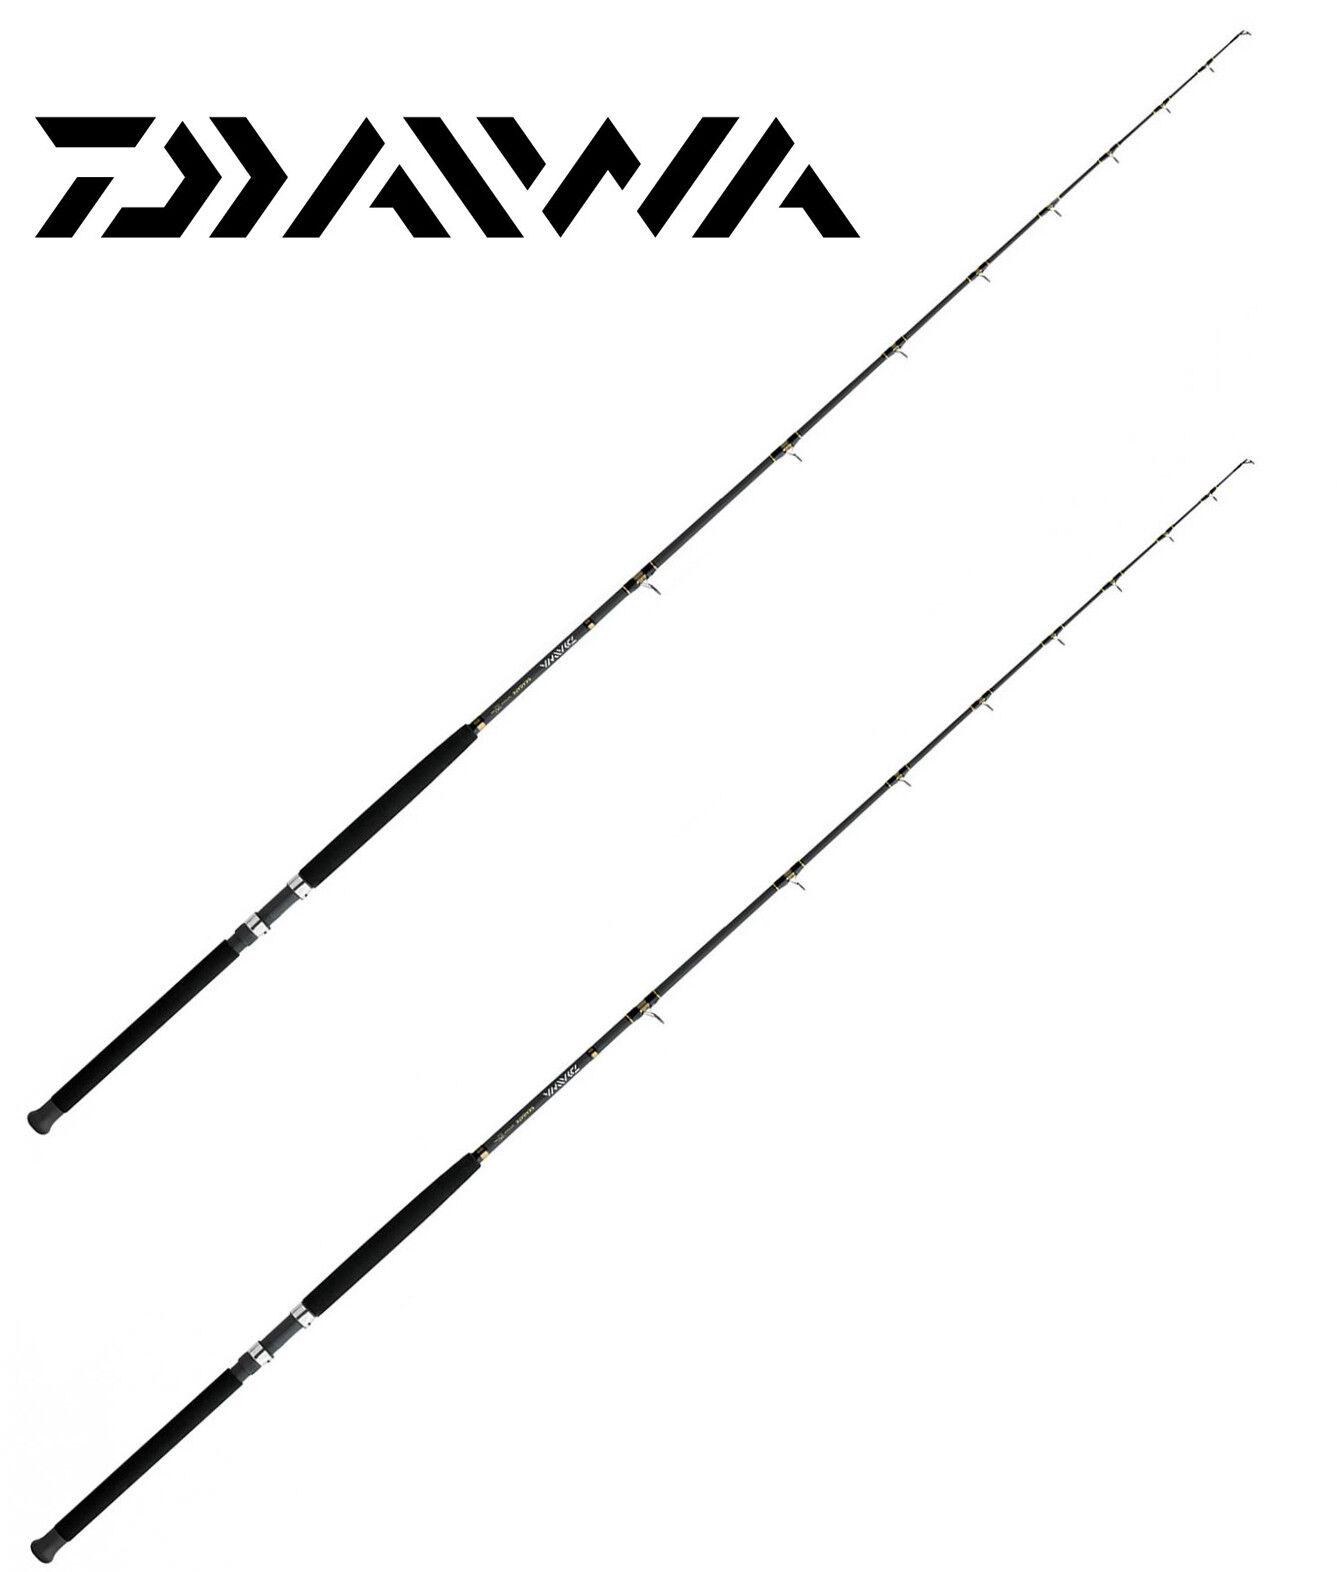 KP3638 Daiwa kit 2 Canna pesca Traina Daiwa Sealine 15 - 40 Lb super promo PPG